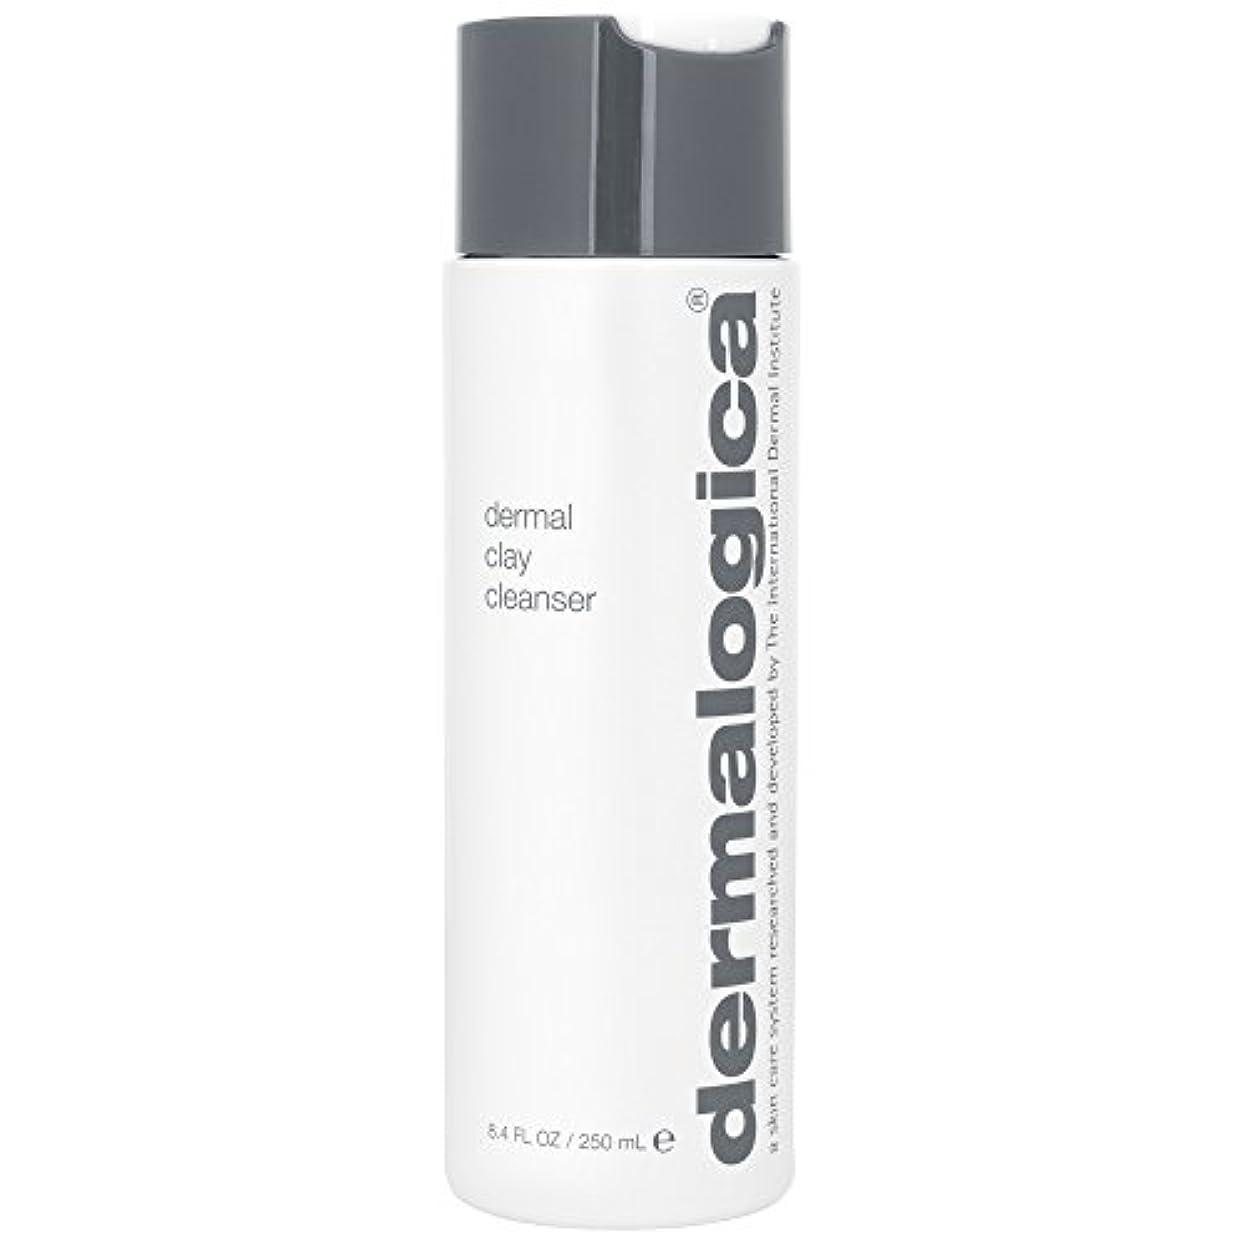 自明剥ぎ取るサルベージダーマロジカ真皮クレイクレンザー250ミリリットル (Dermalogica) (x6) - Dermalogica Dermal Clay Cleanser 250ml (Pack of 6) [並行輸入品]